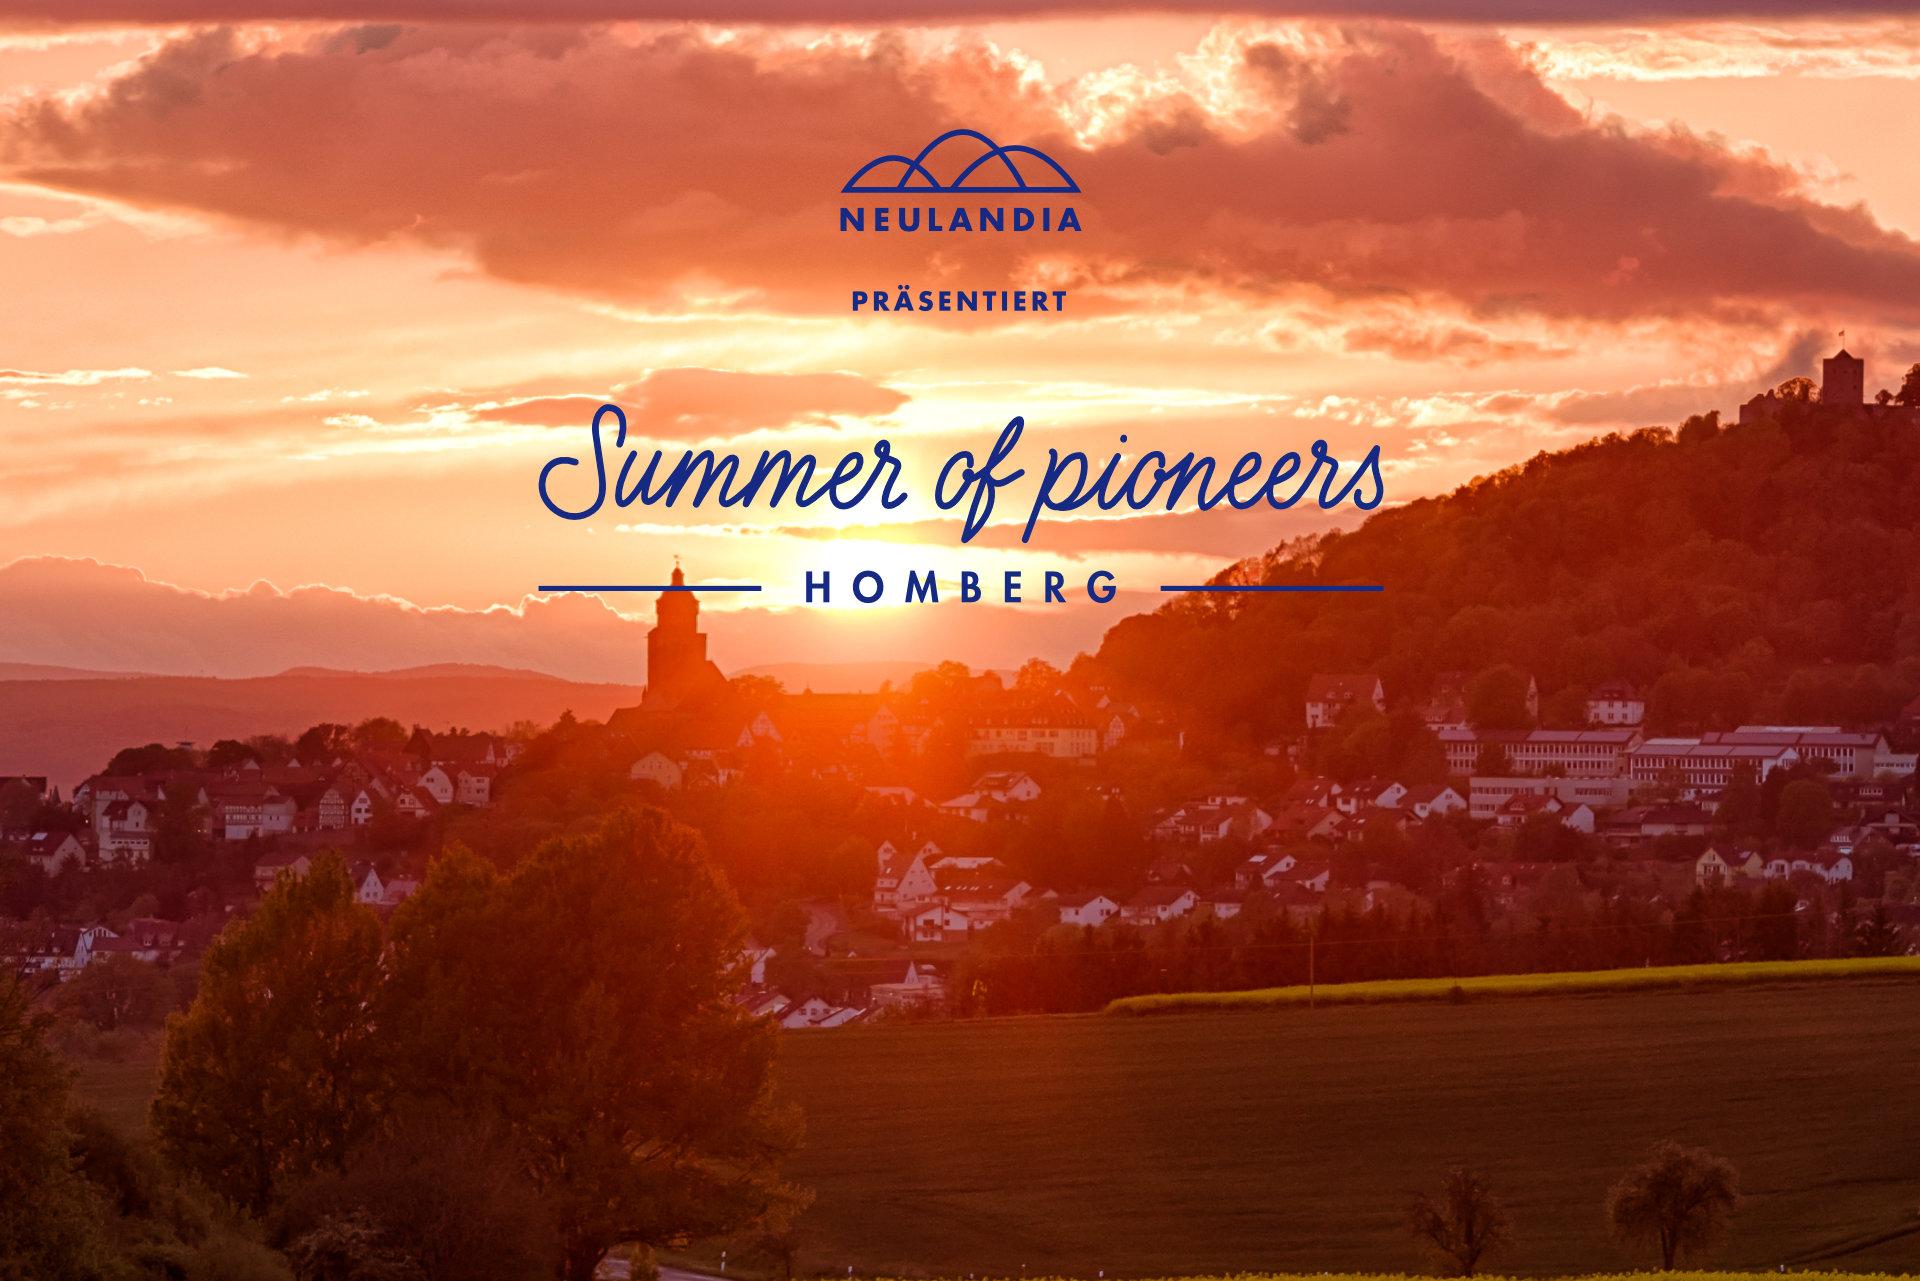 Summer of Pioneers Homberg